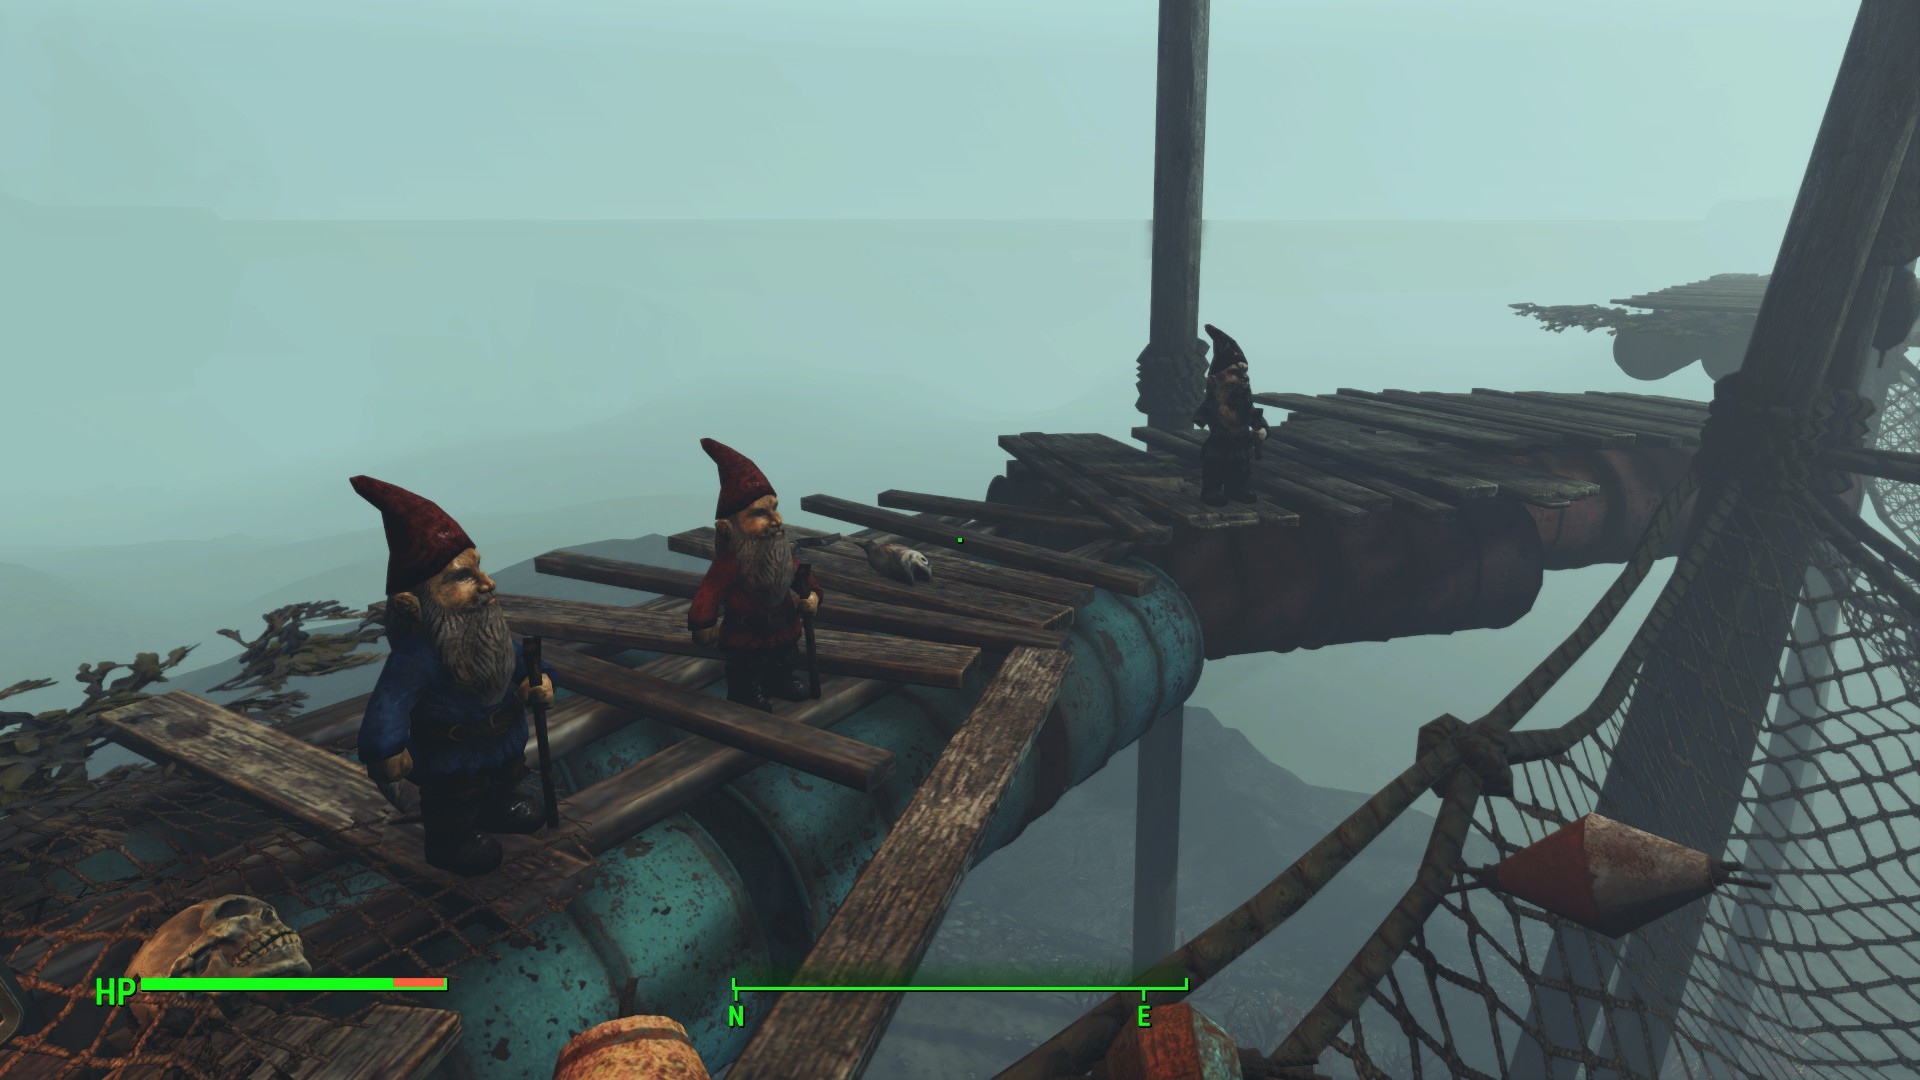 Fallout 4 snorkeler returns to chart Far Harbor's hidden depths